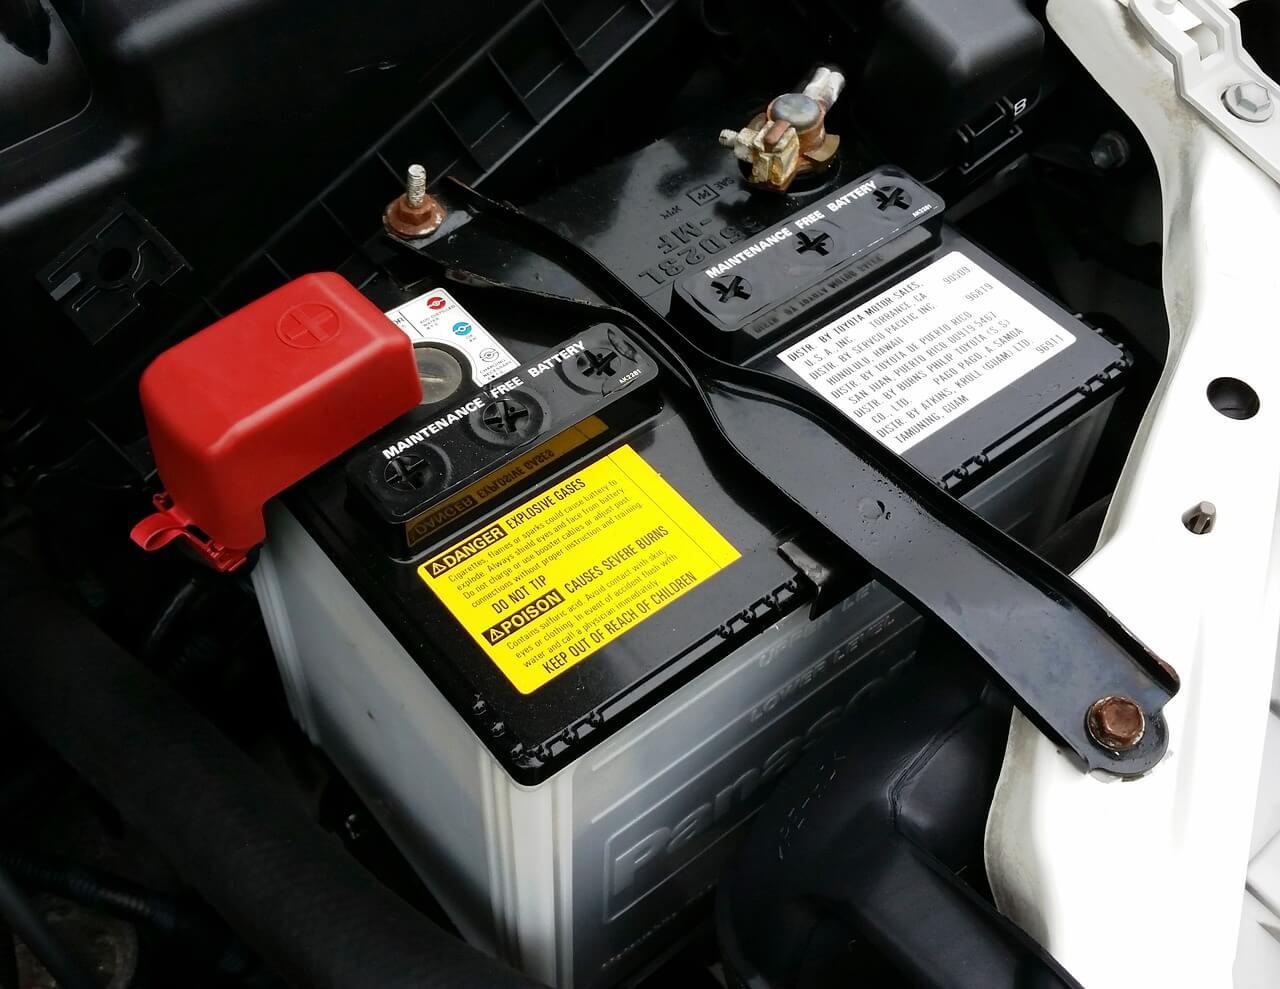 bateria descarregada - é um problema